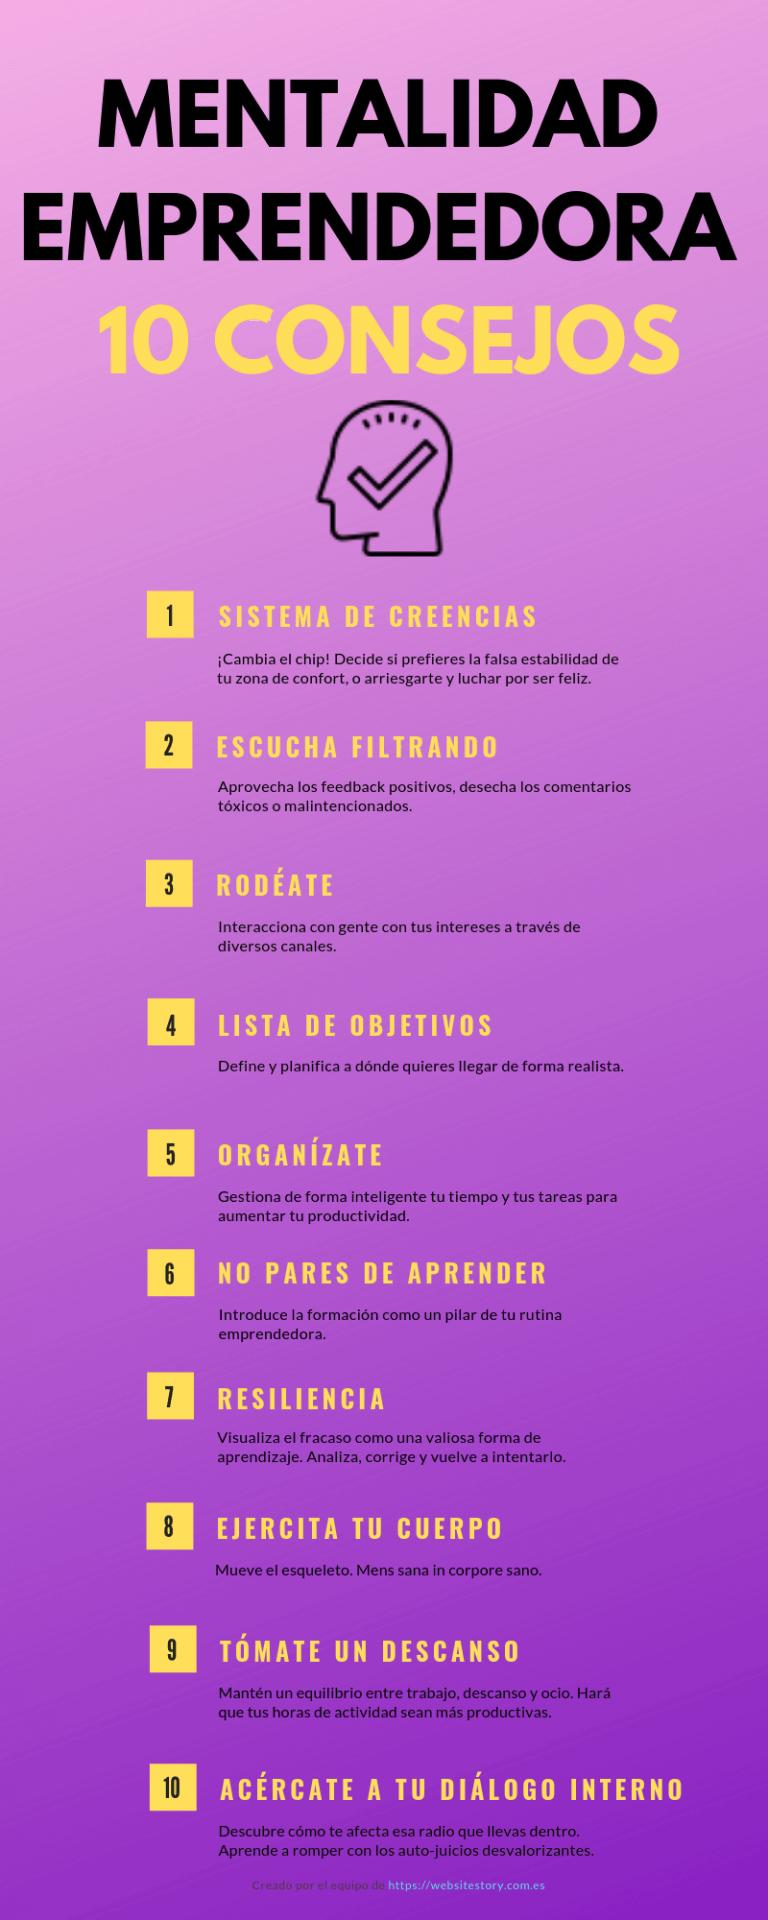 Infografía mentalidad emprendedora: 10 consejos